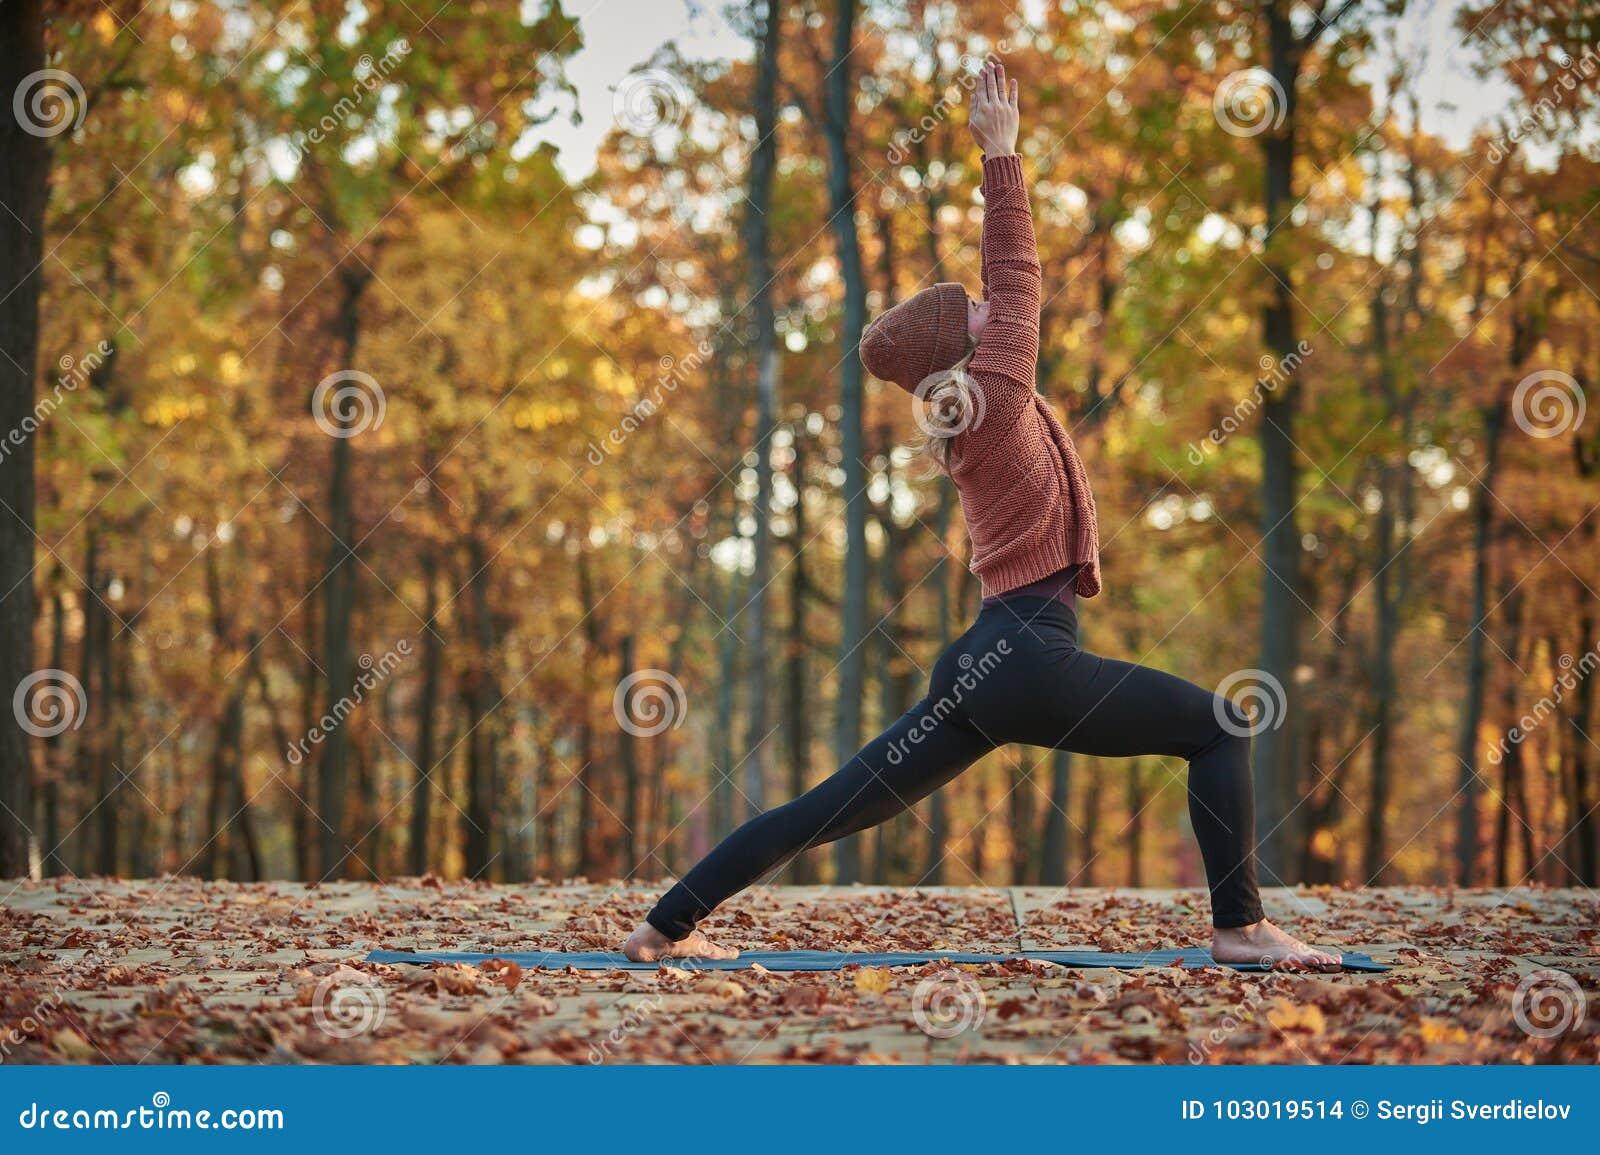 Schöne junge Frau übt Yoga asana Virabhadrasana 1 - Kriegershaltung auf der hölzernen Plattform im Herbstpark